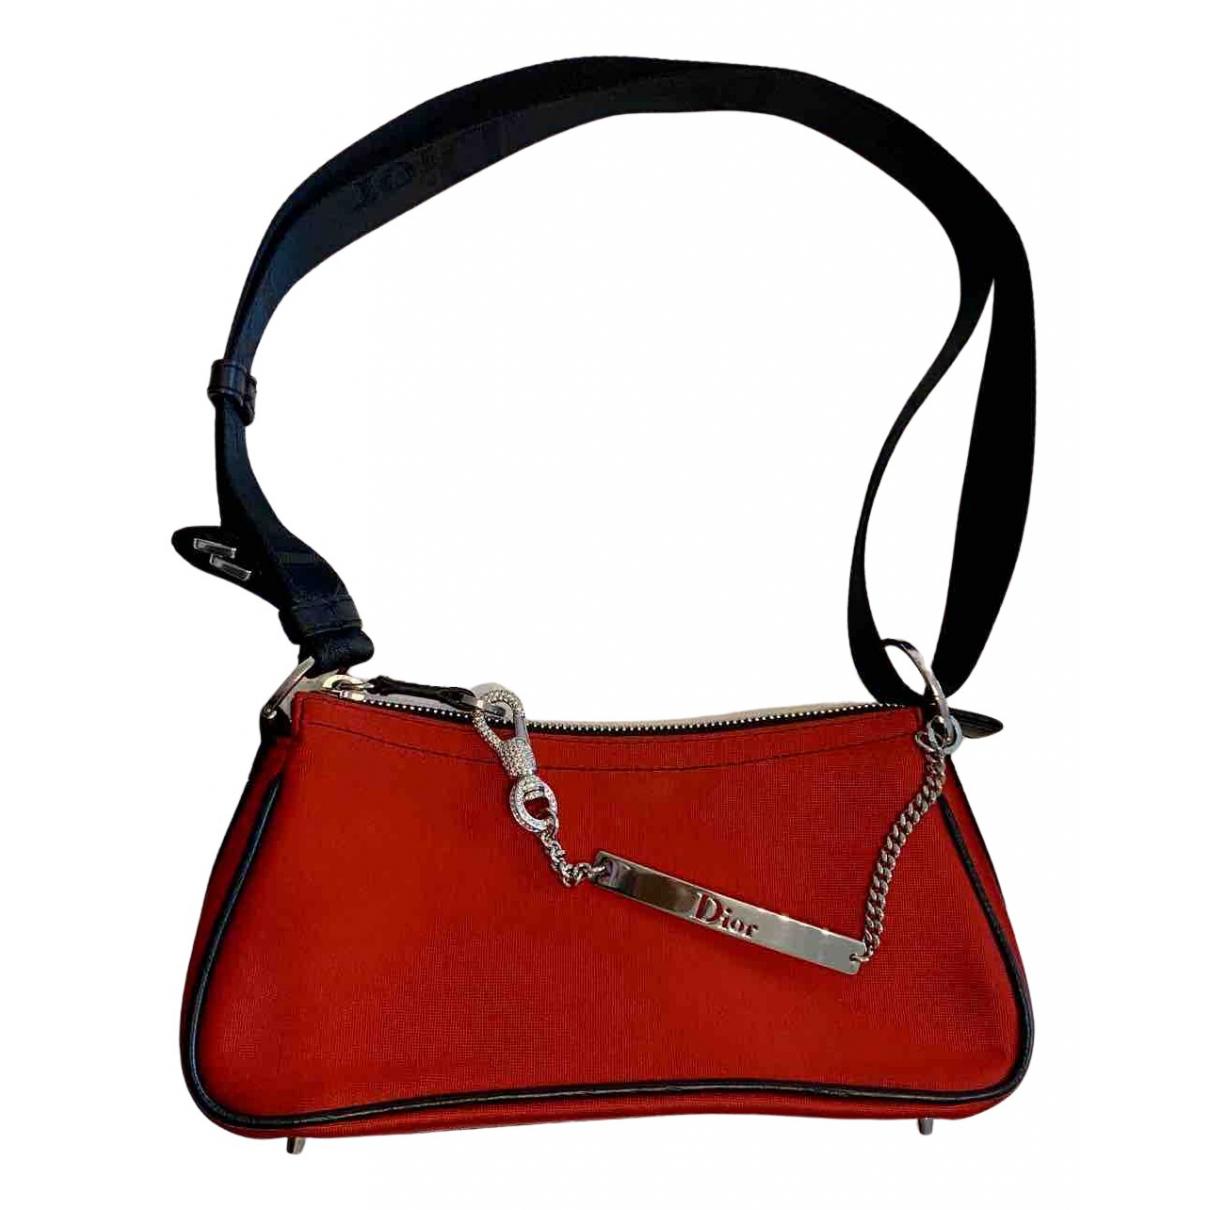 Dior - Sac a main Hardcore pour femme en toile - rouge